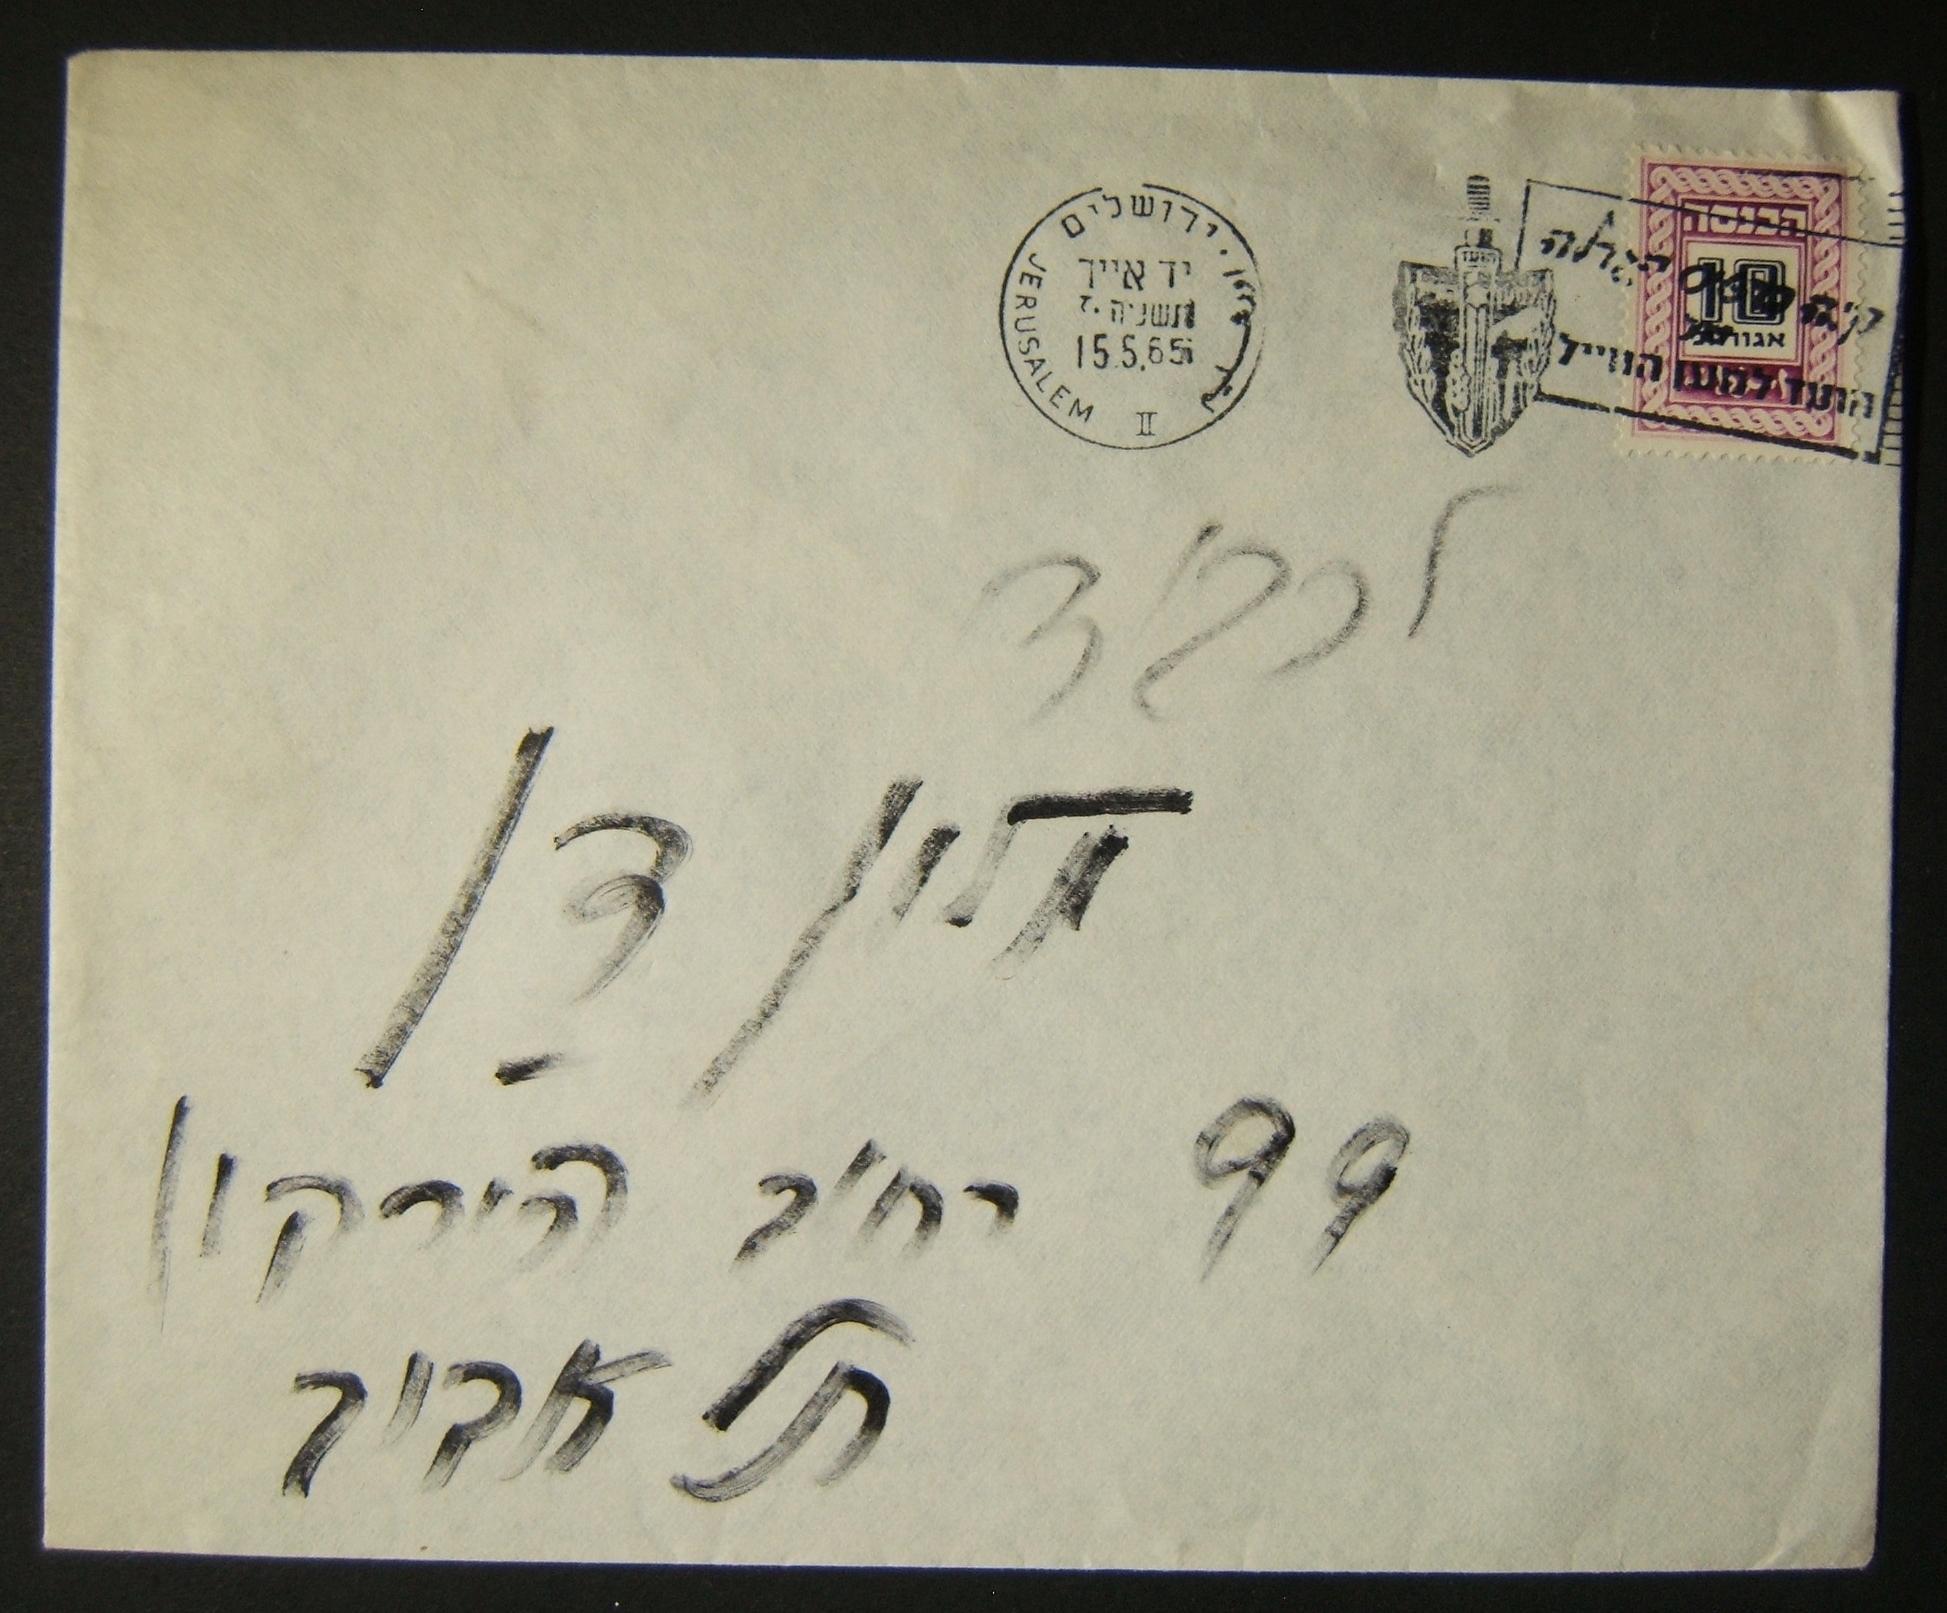 1965 ירושלים תל אביב underfranked & ההכנסות בדואר - קיבל, לא במס